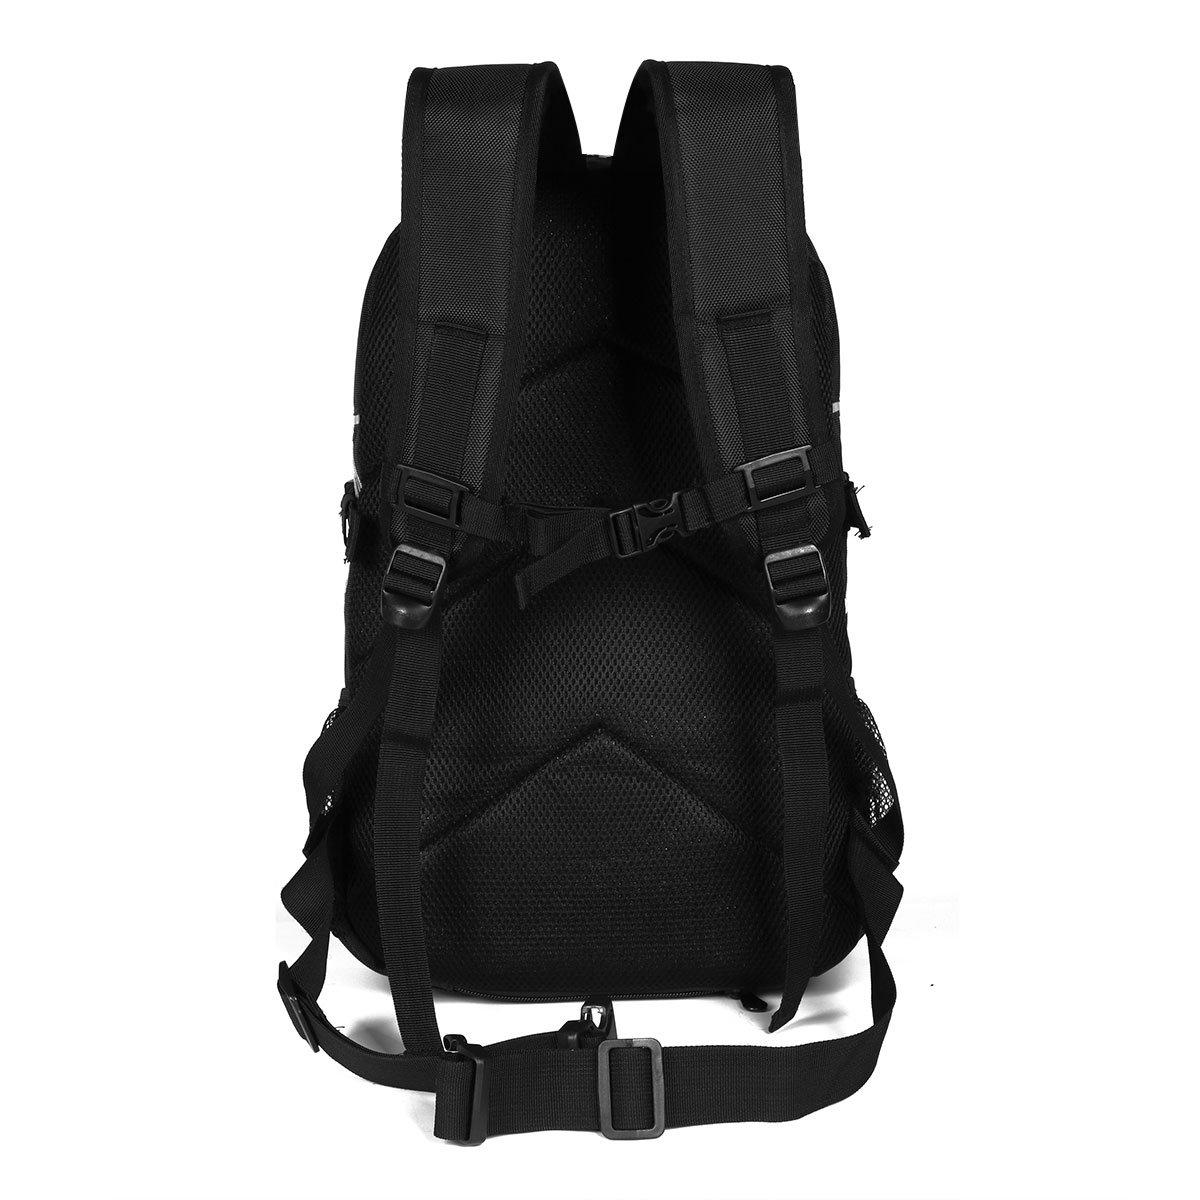 Advocator Moto Hommes Sac /à Dos avec Housse de pluie 14Inch Noir Laptop School Sacs /à dos Packsack Daypack Sacs /à bandouli/ère Sacs /à dos pour Voyage /& Bike /& Camping /& Outdoor Sports